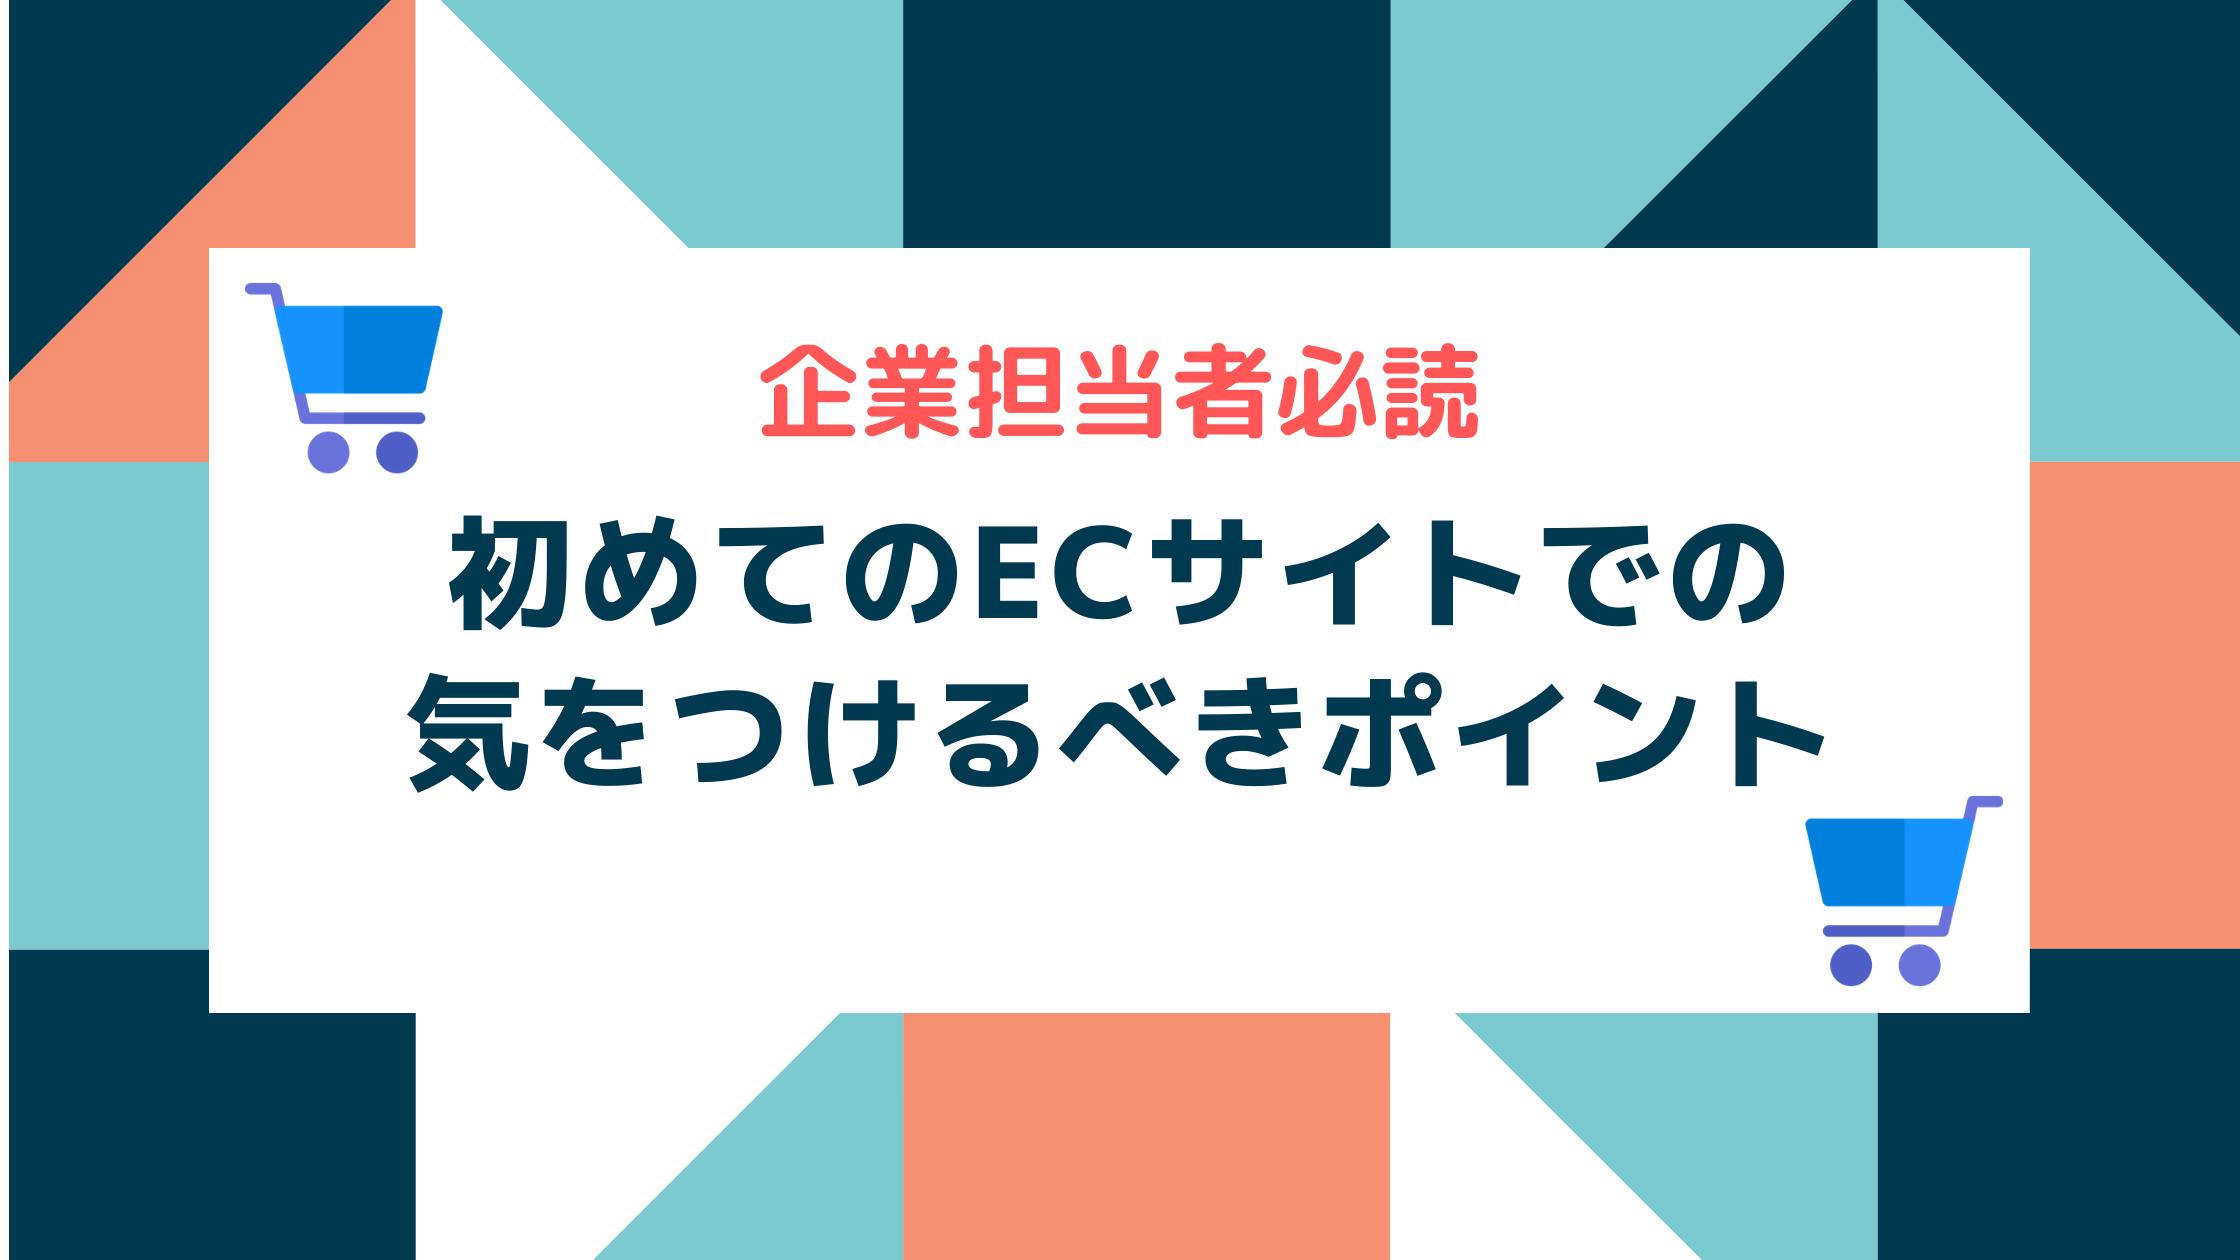 【企業担当者必読】初めてのECサイトでの気をつけるべきポイント!